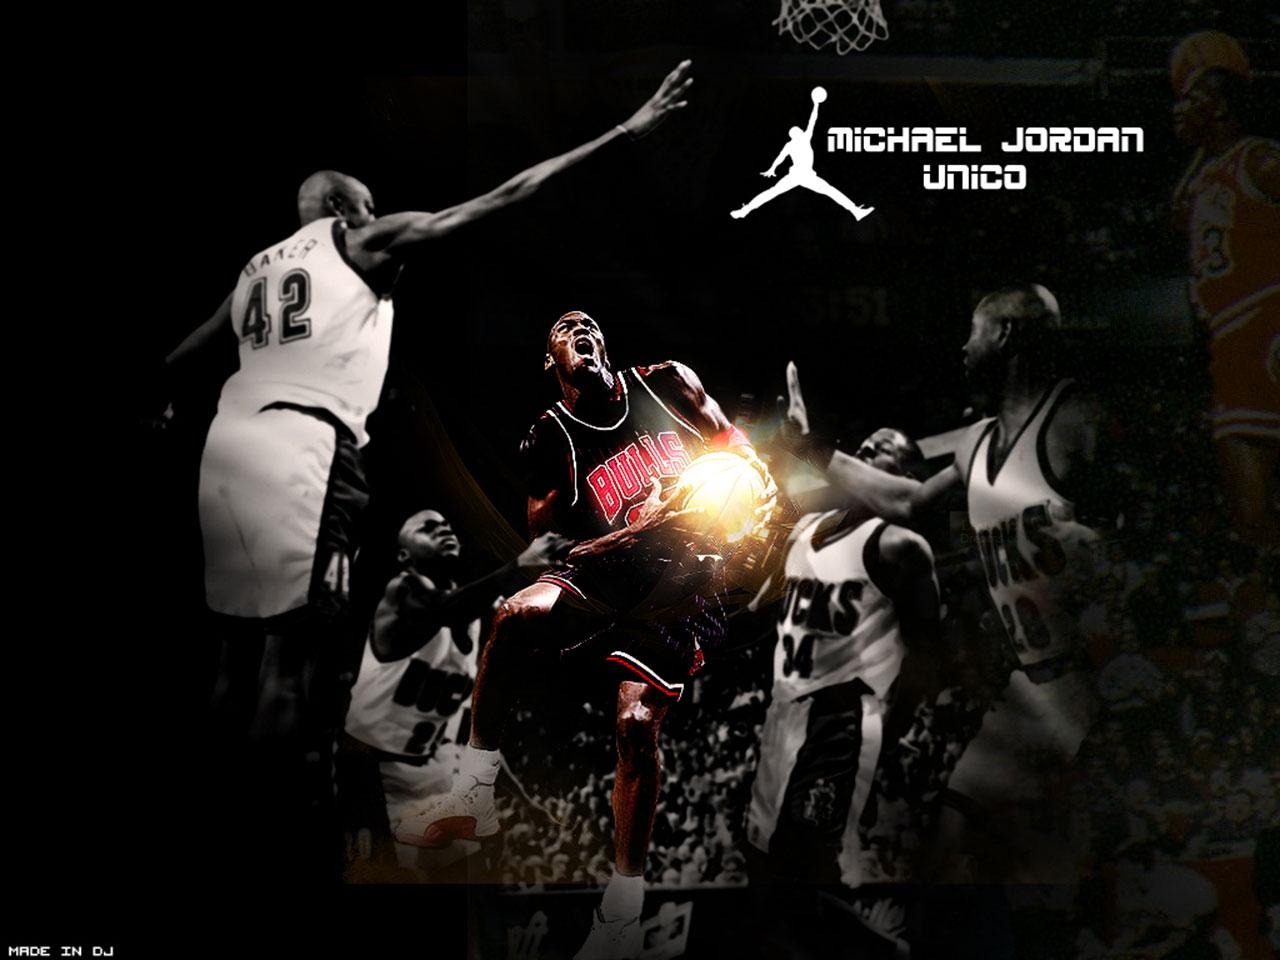 Best Jordan Wallpaper: MICHAEL JORDAN WALLPAPERS